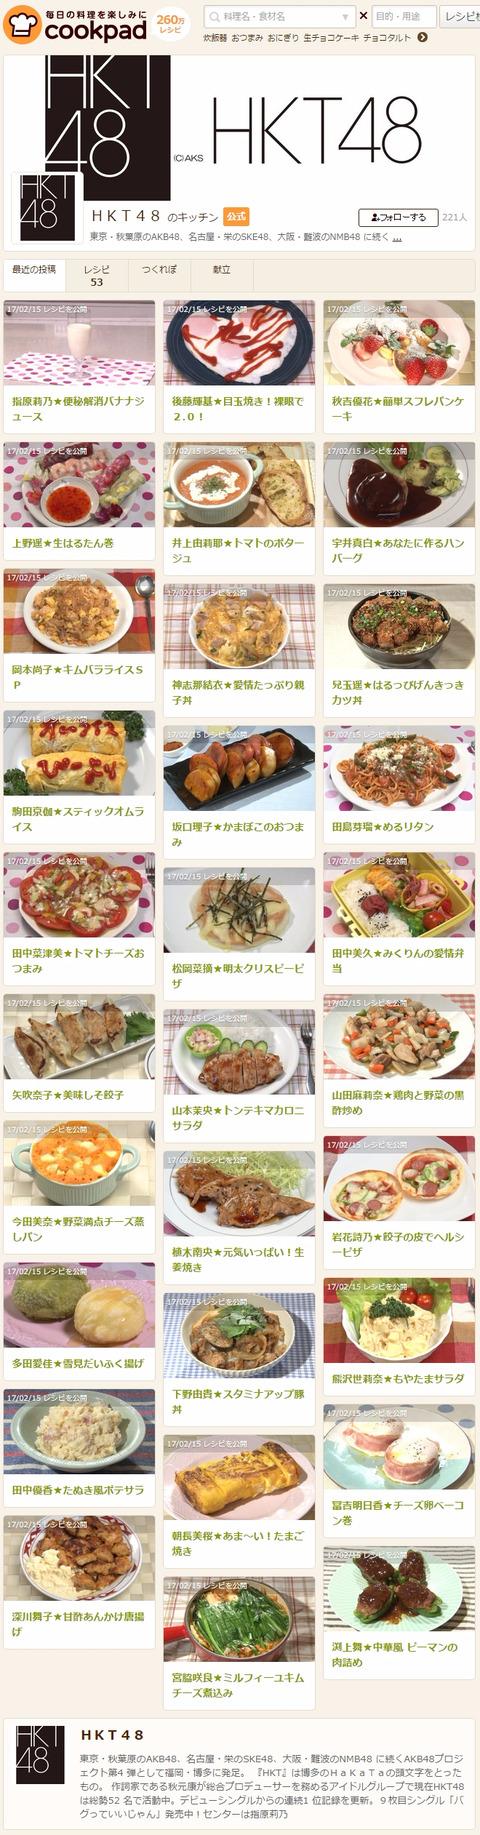 【HKT48】「バグっていいじゃん」特典映像のレシピがクックパッドに登場!